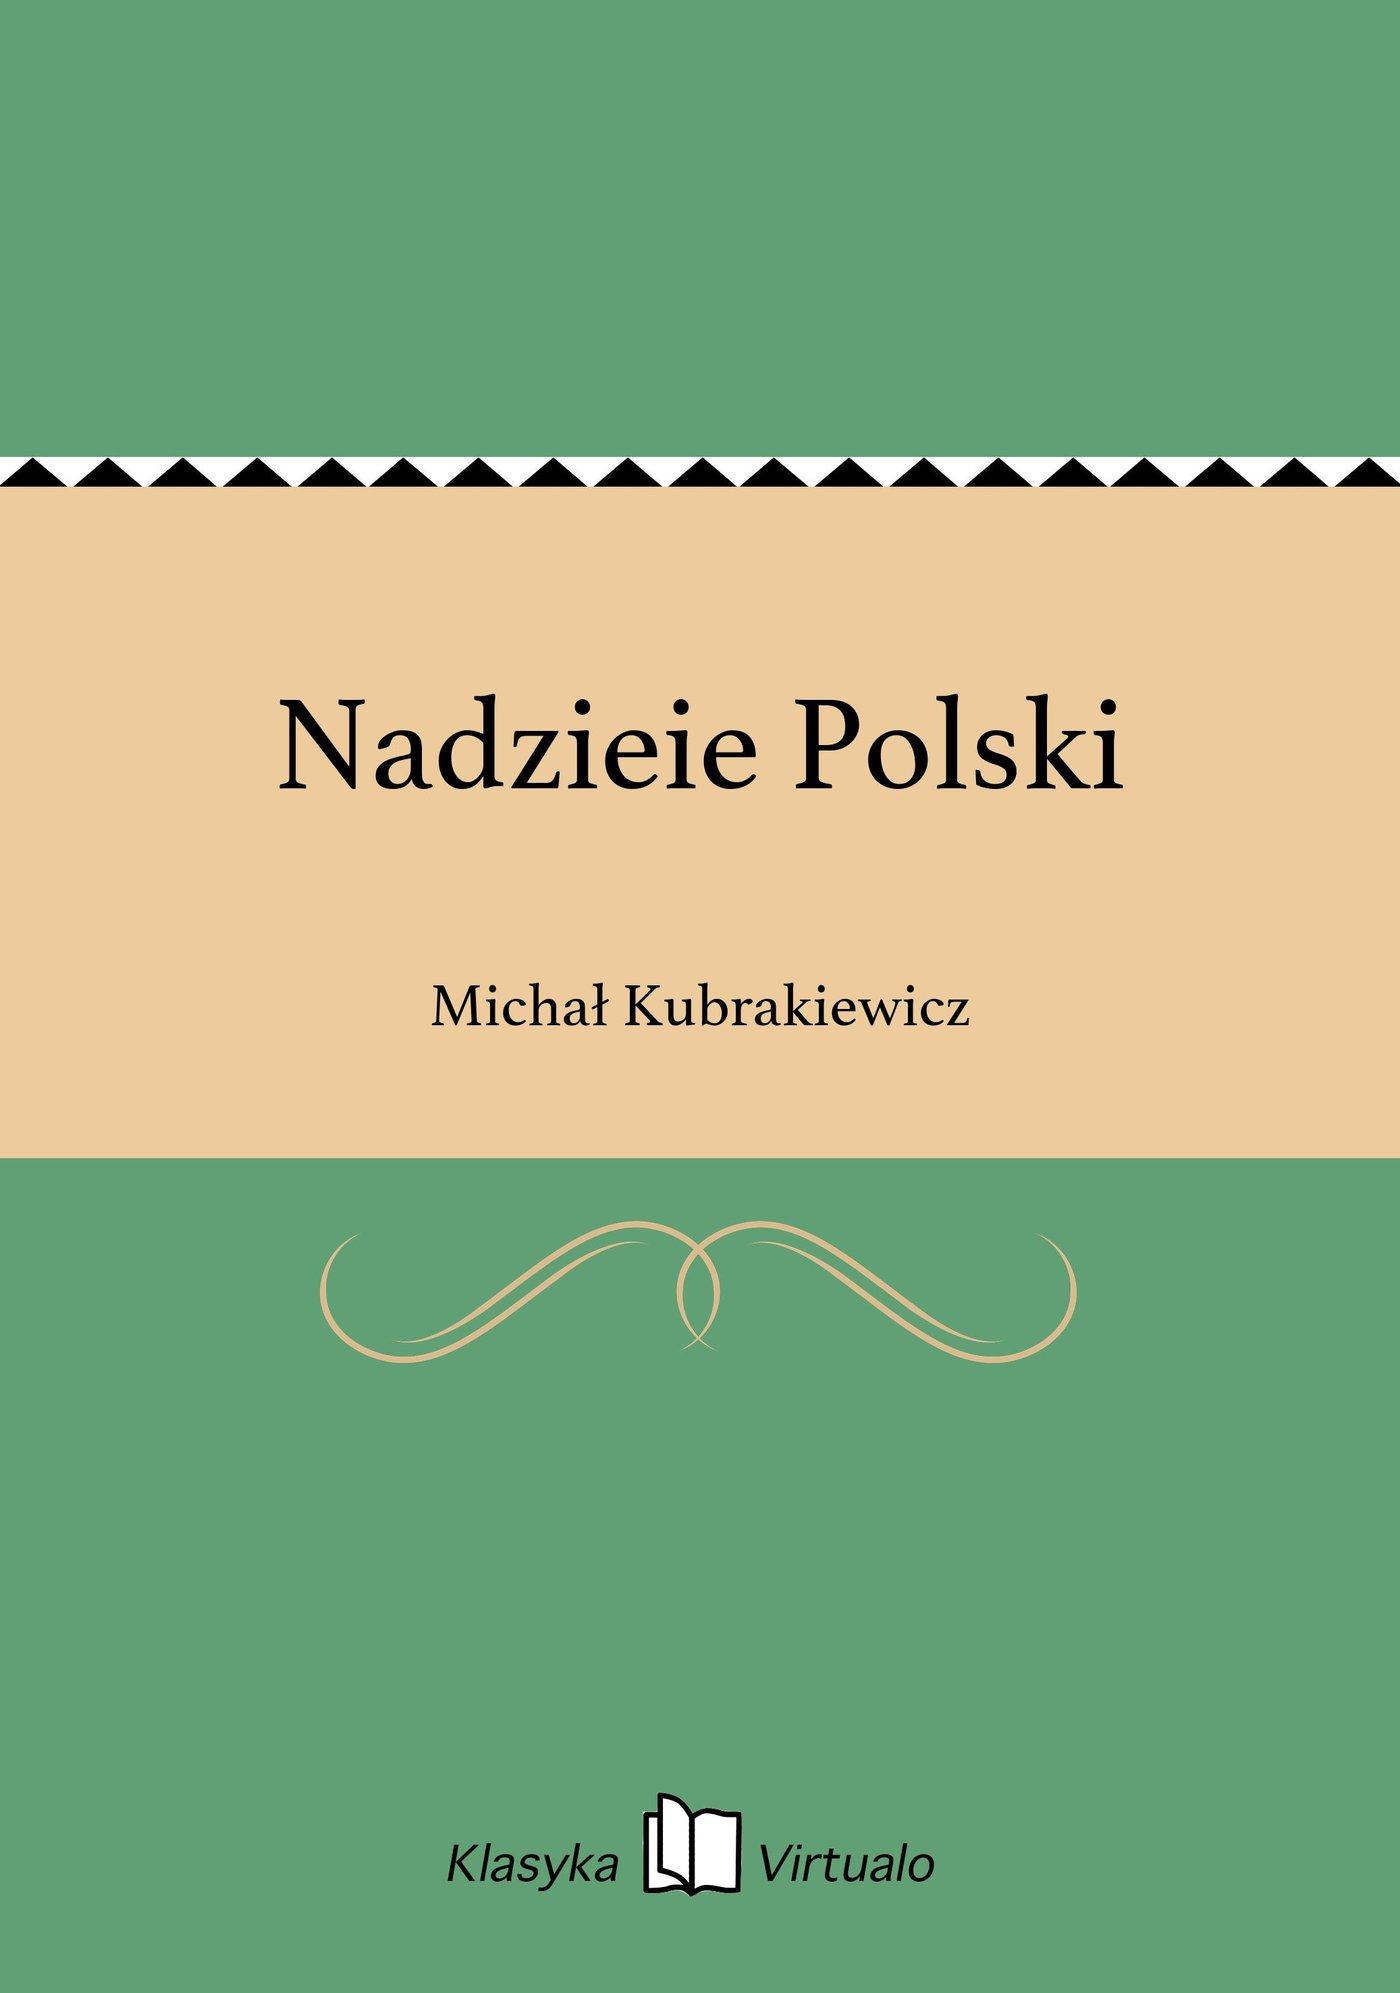 Nadzieie Polski - Ebook (Książka EPUB) do pobrania w formacie EPUB